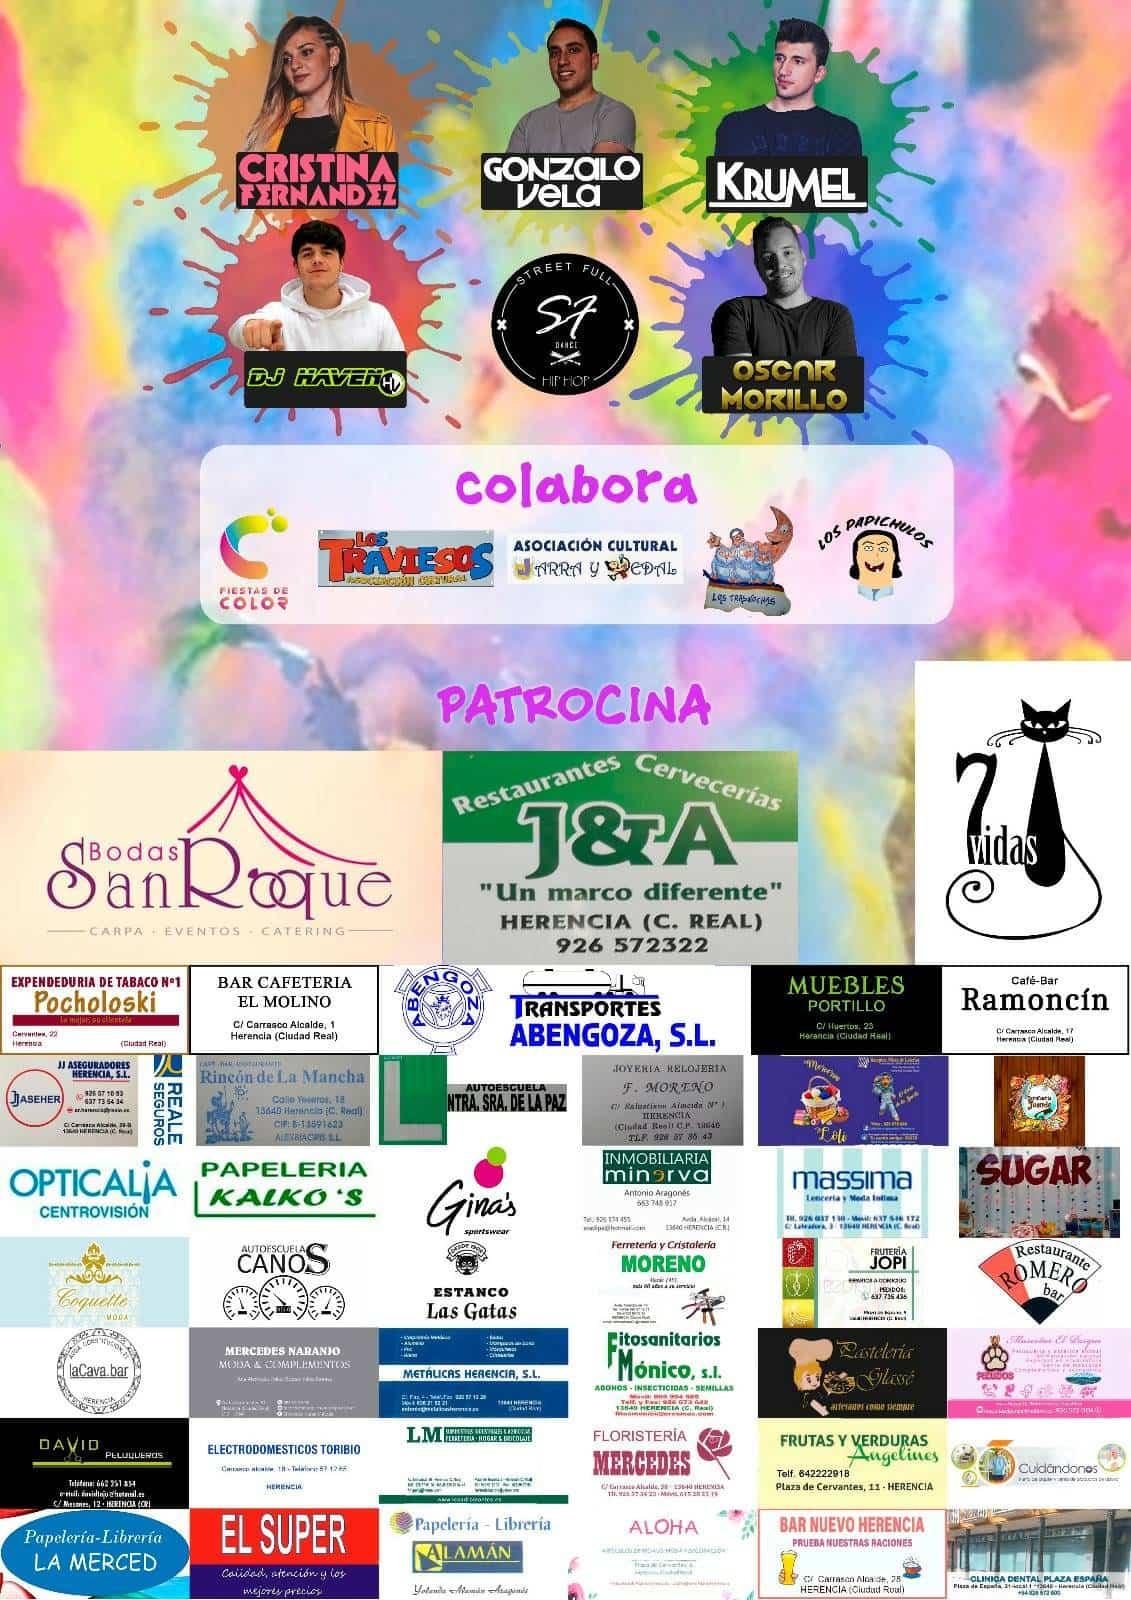 III herencia colours run 2 - III Herencia Colours Run, la fiesta del color más solidaria